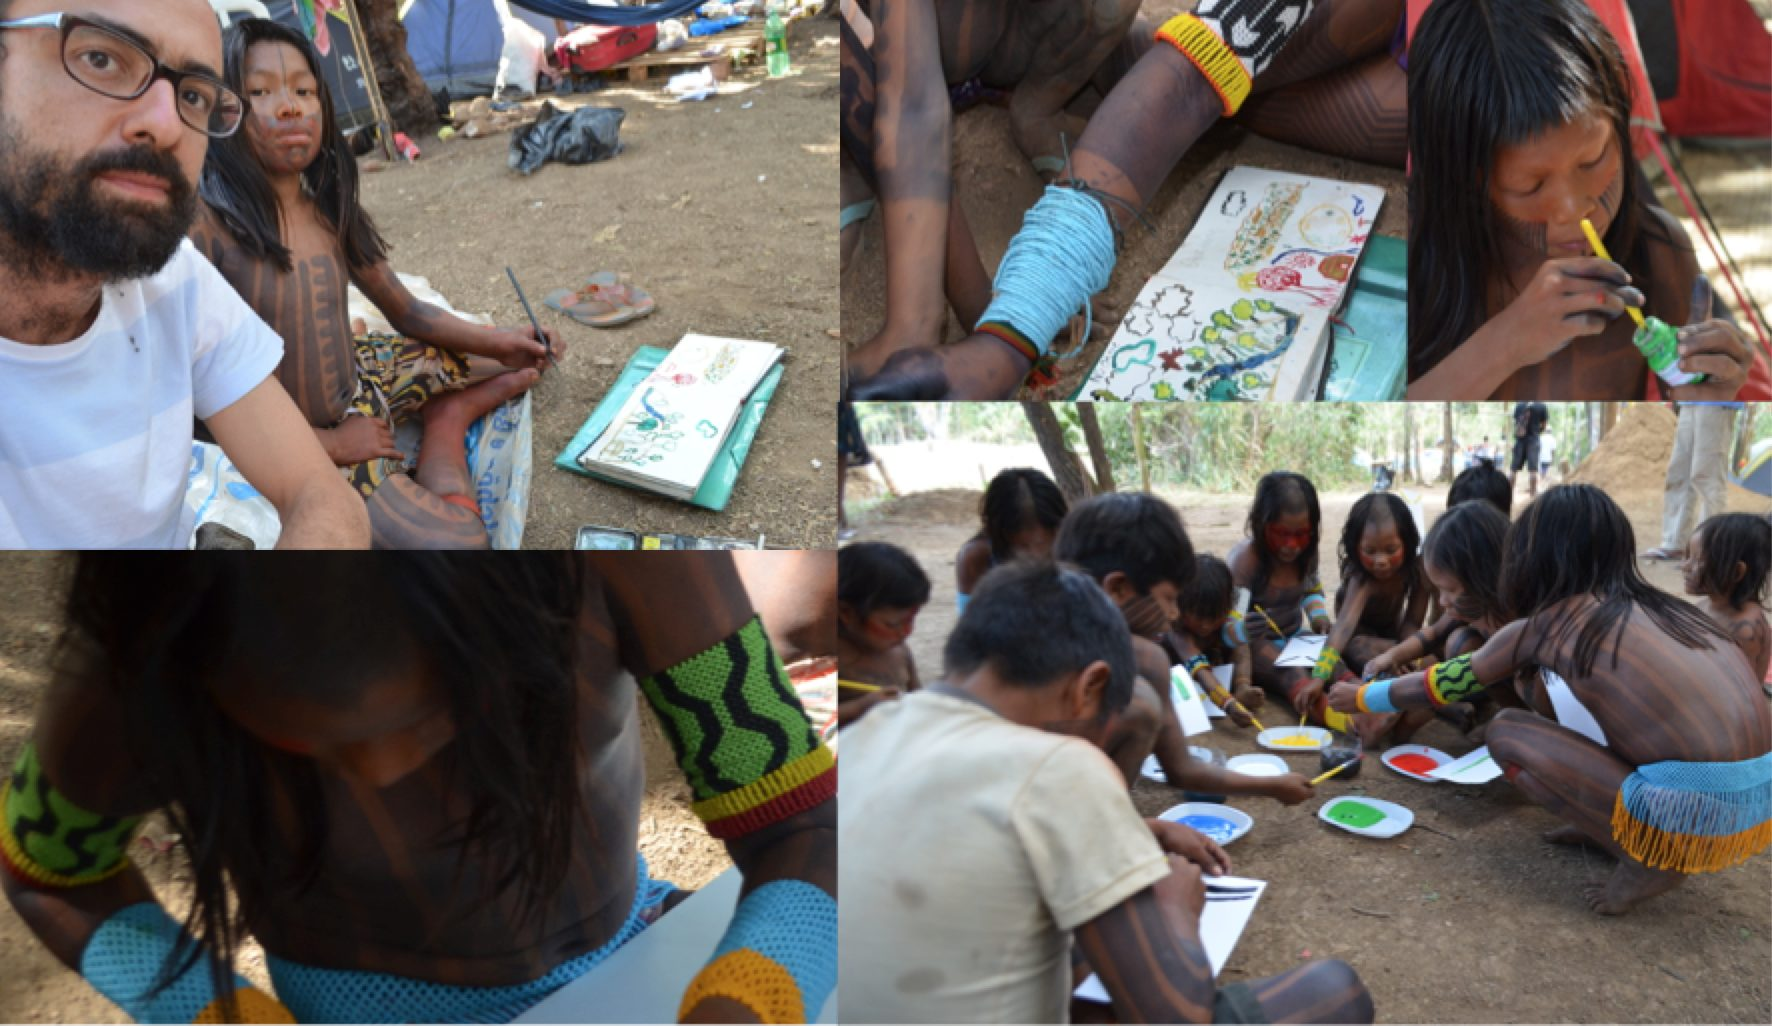 Artistas lançam campanha para promover cultura quilombola 1